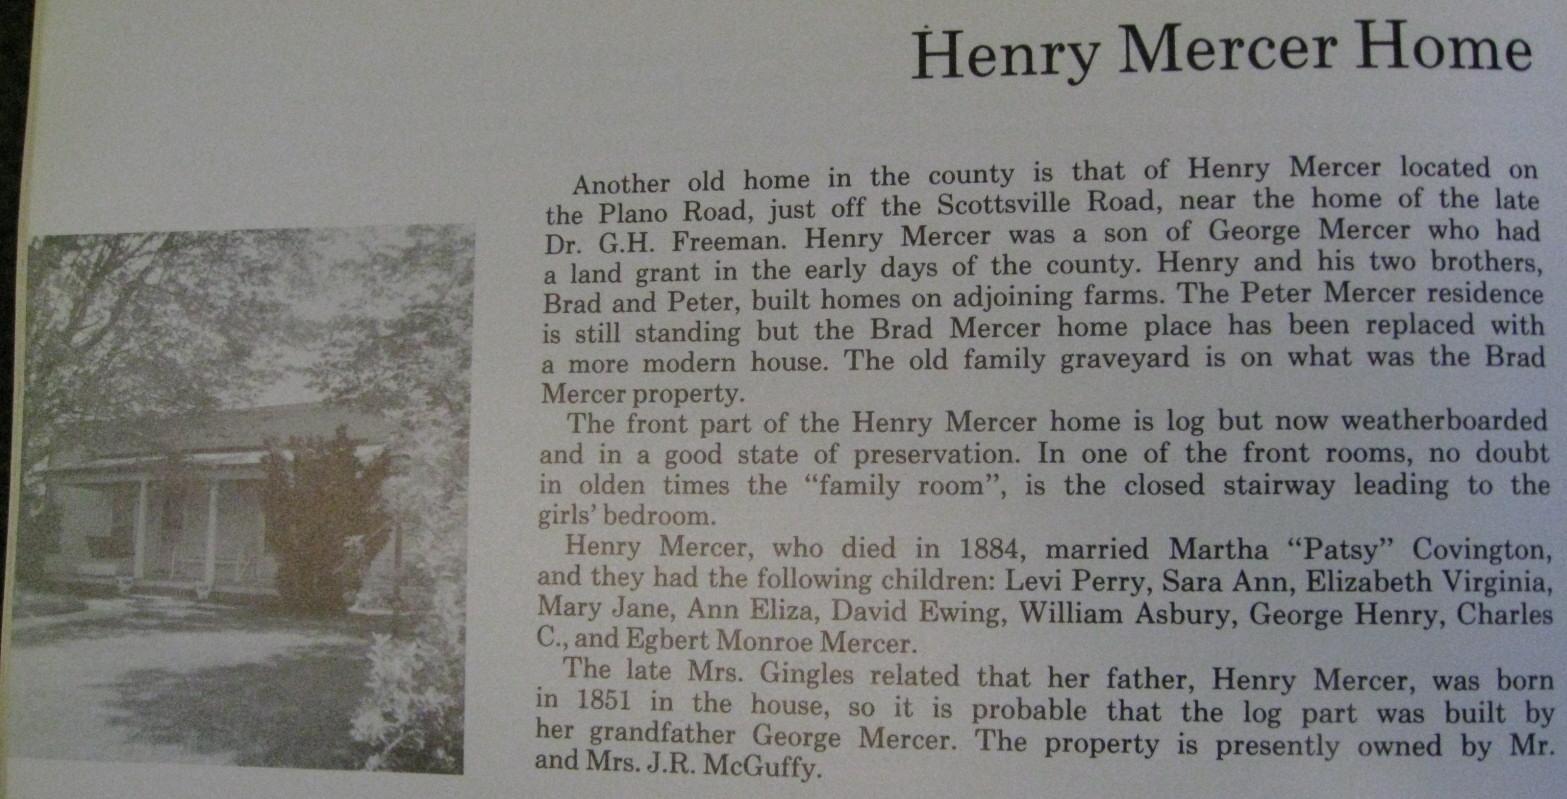 Henry Mercer